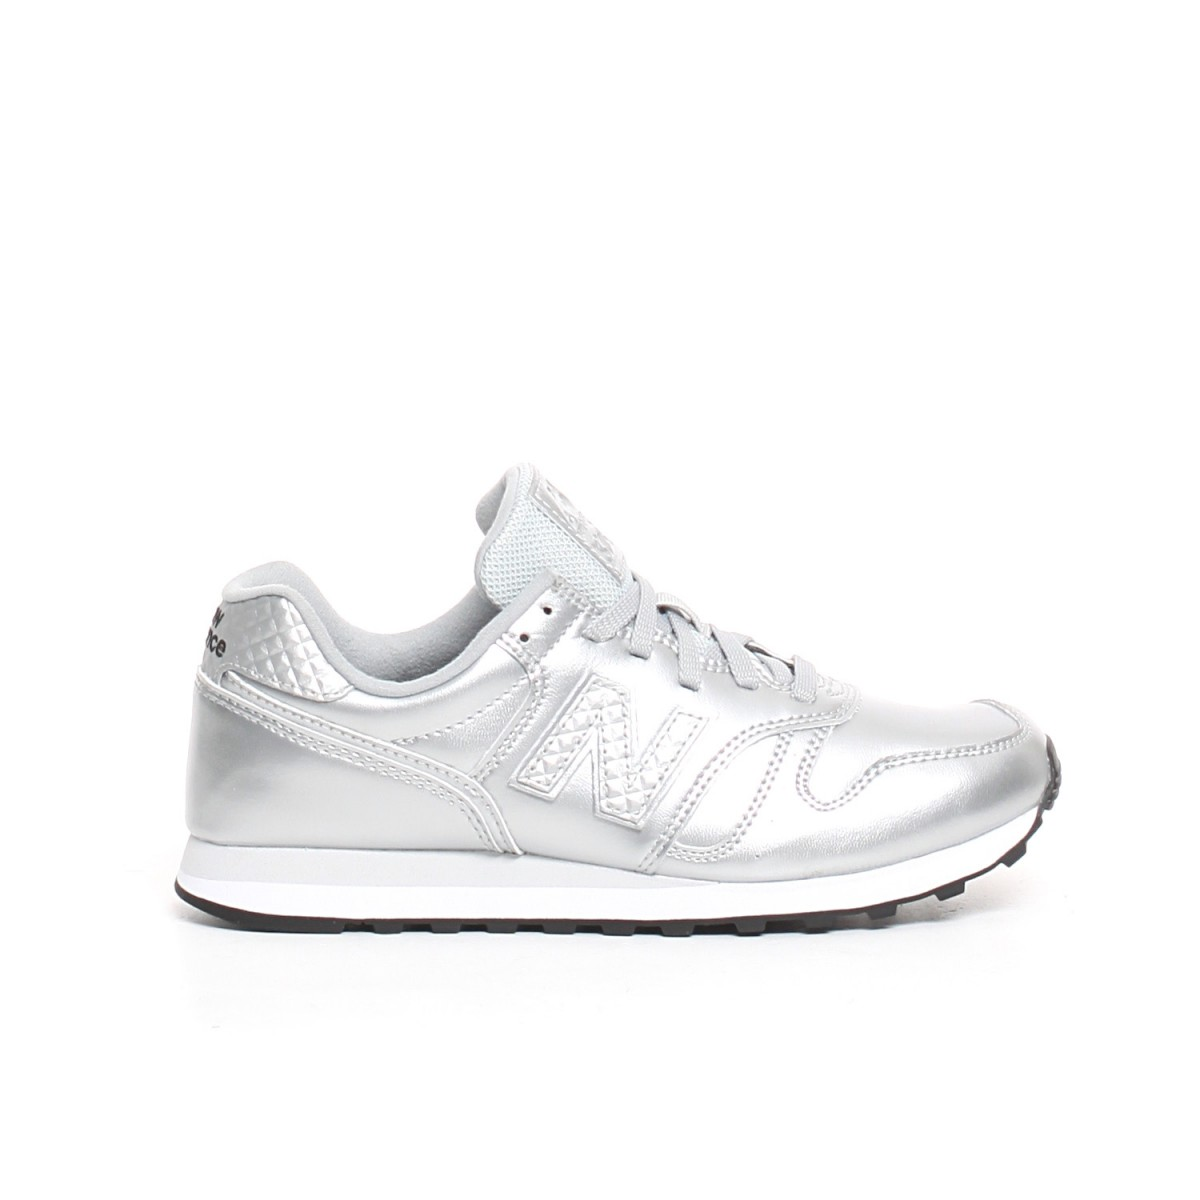 scarpa ginnastica donna new balance